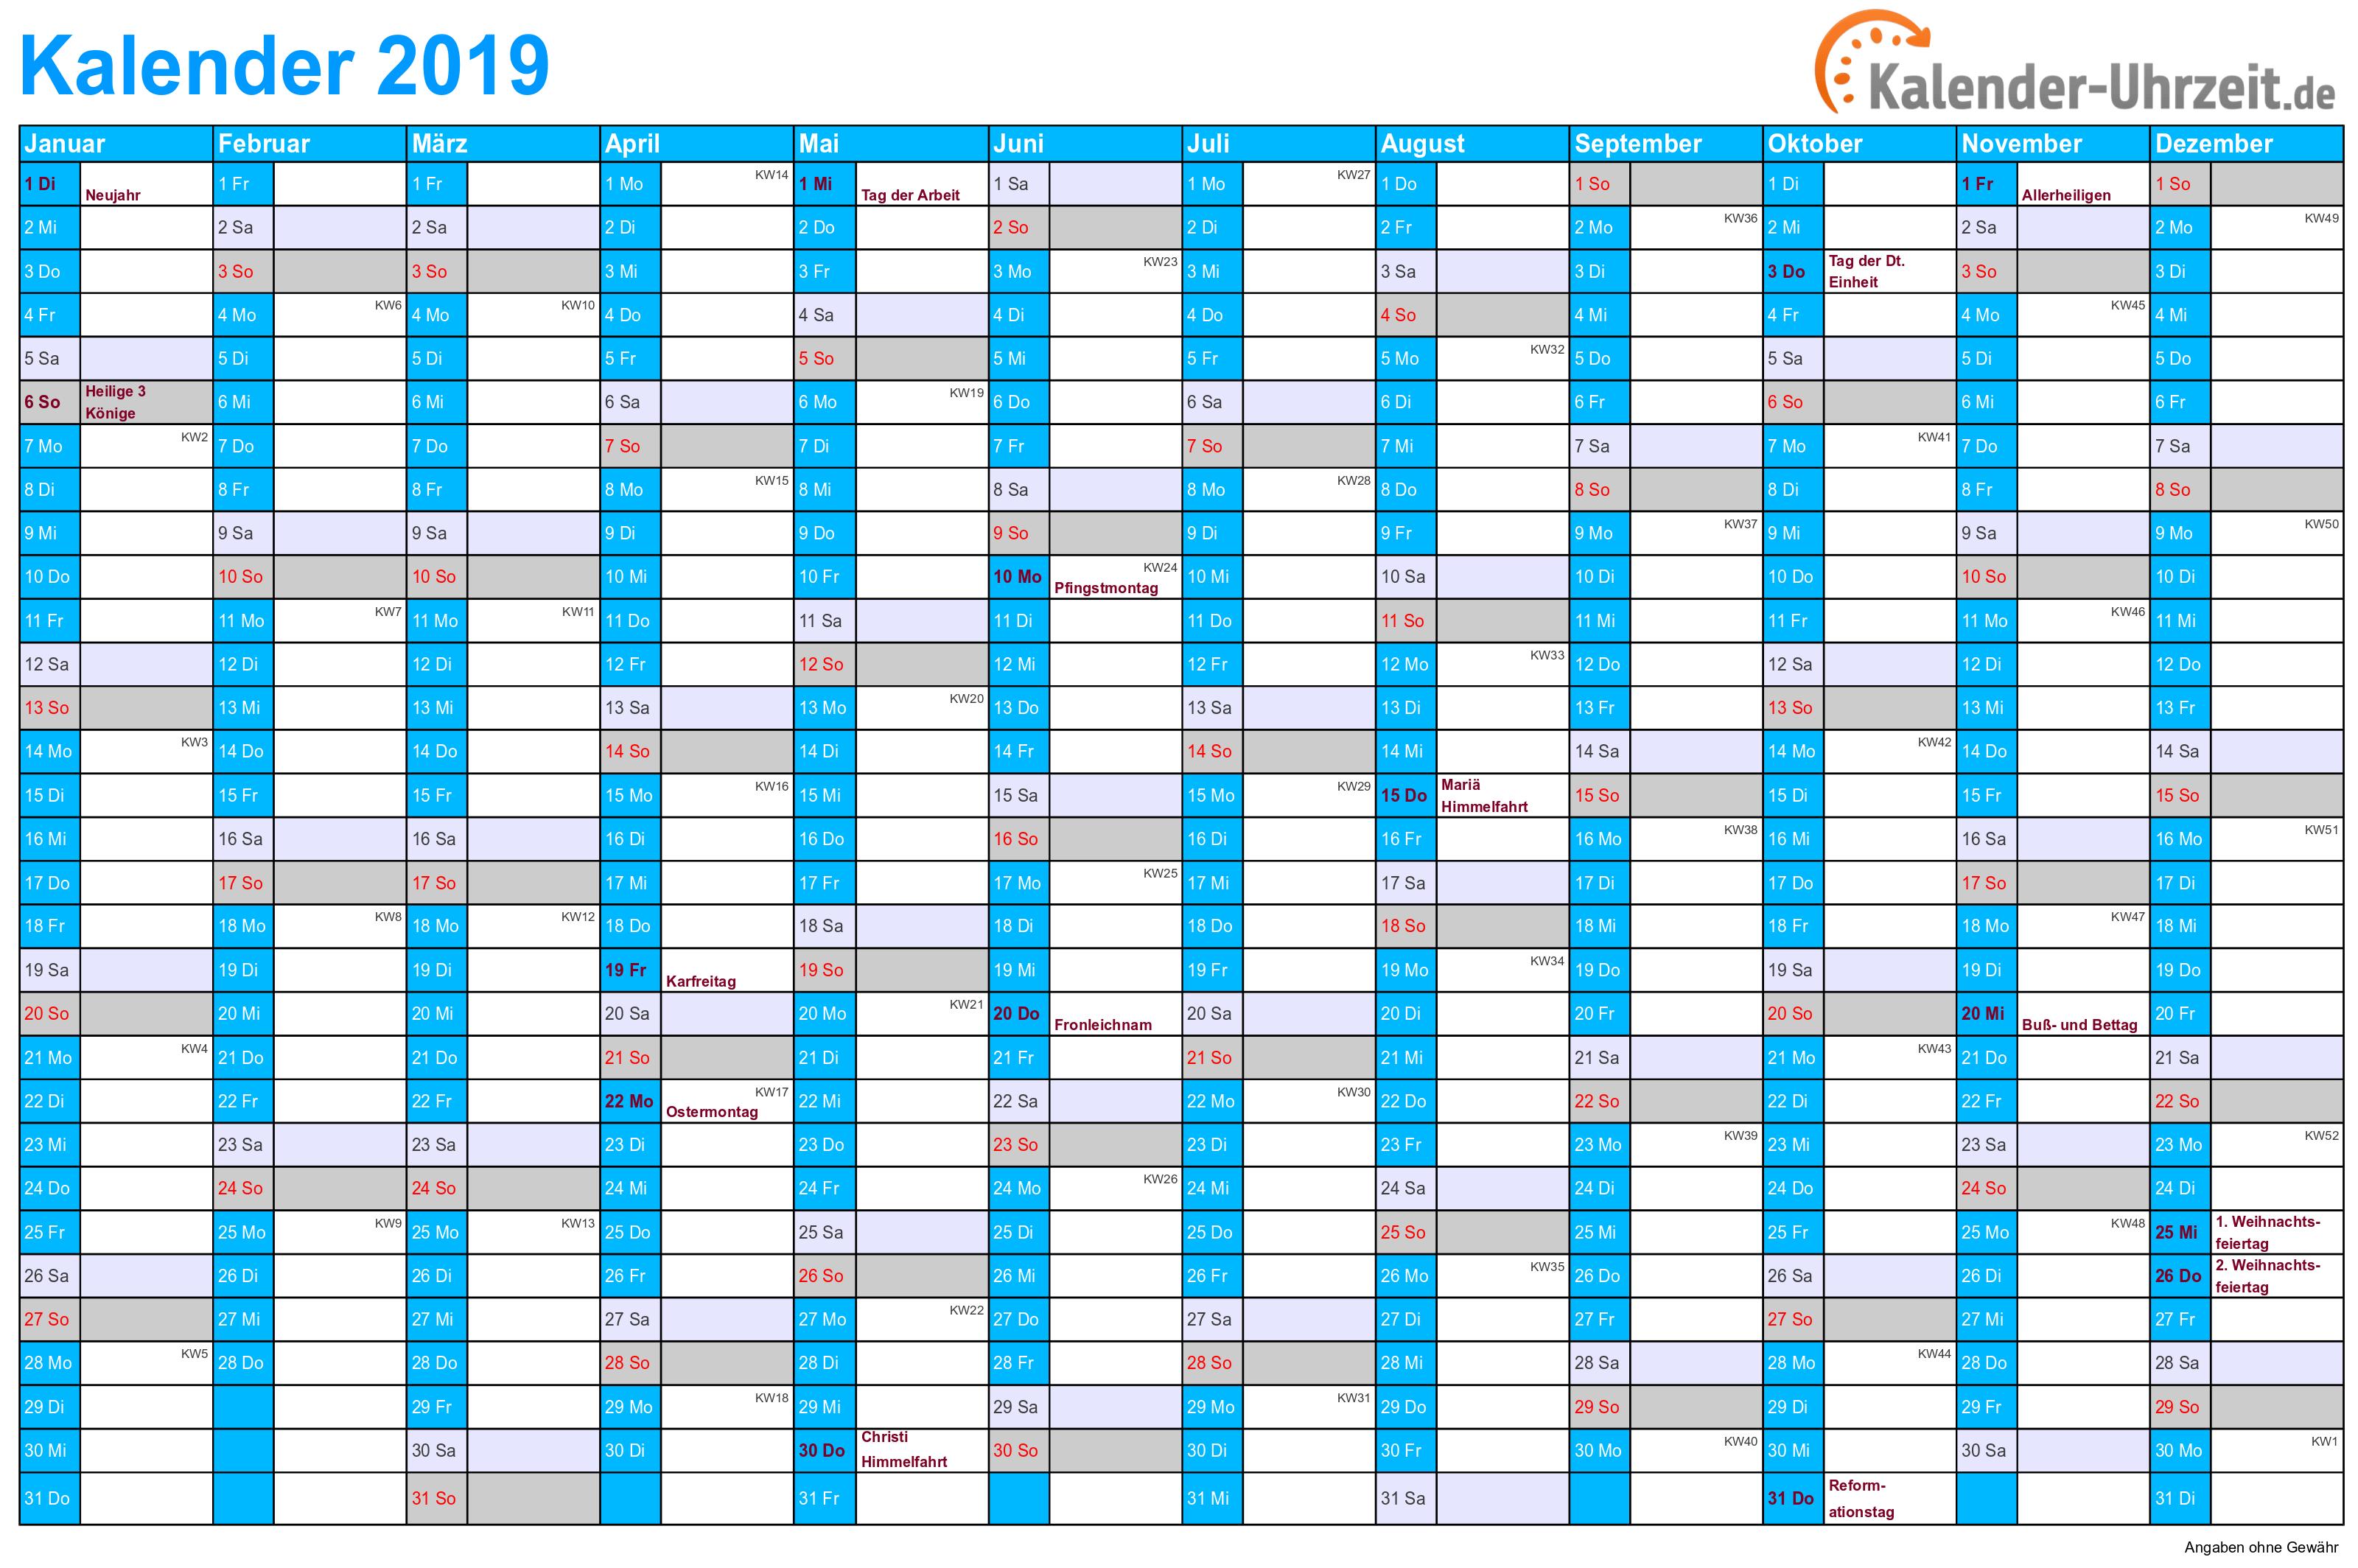 Jahreskalender 2019 mit Feiertagen - 1-seitig - A4-Querformat